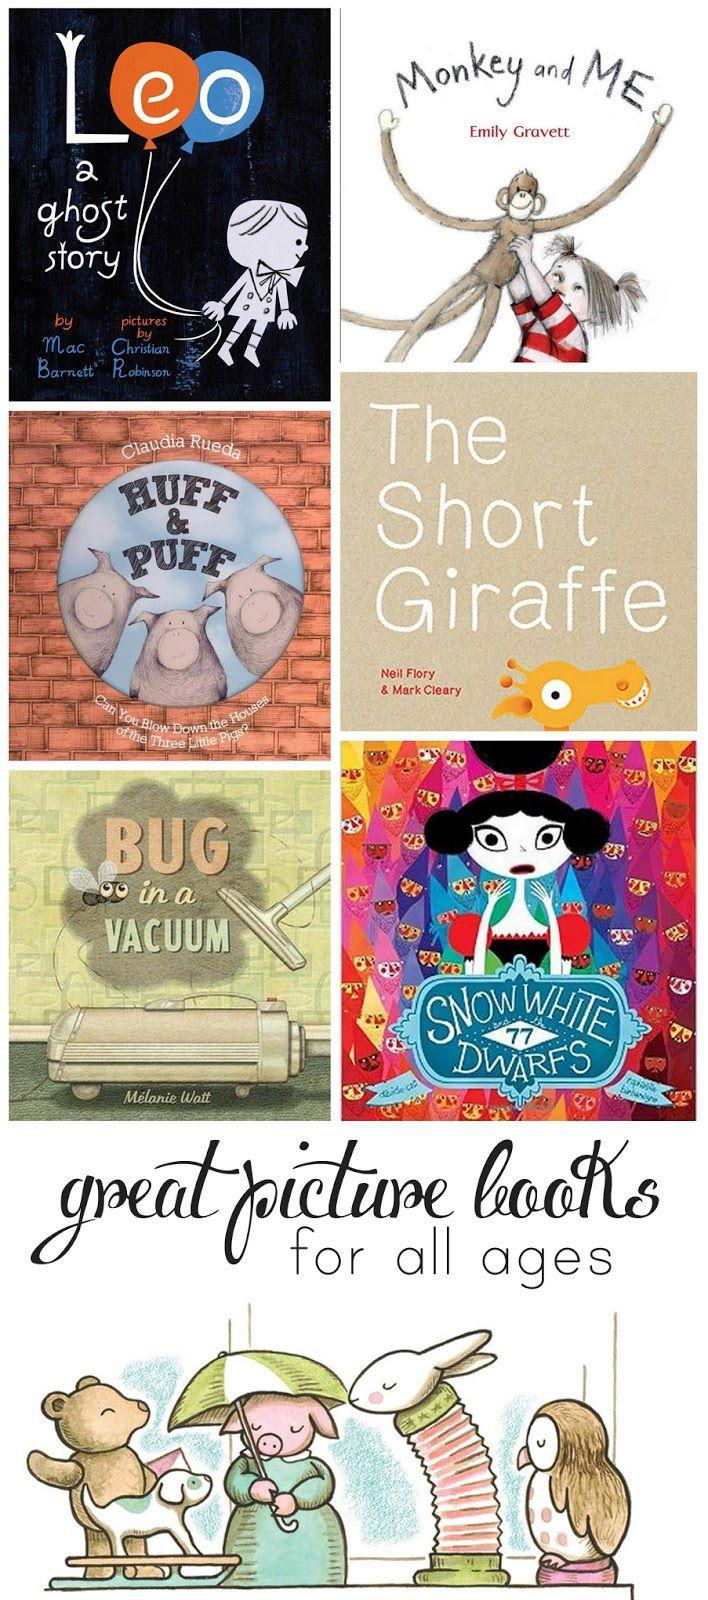 手机壳定制sneakers online stores Everyday Reading  Practical Family Living for Book Loving Parents  Books Worth Maxing Out Your Library Cards For